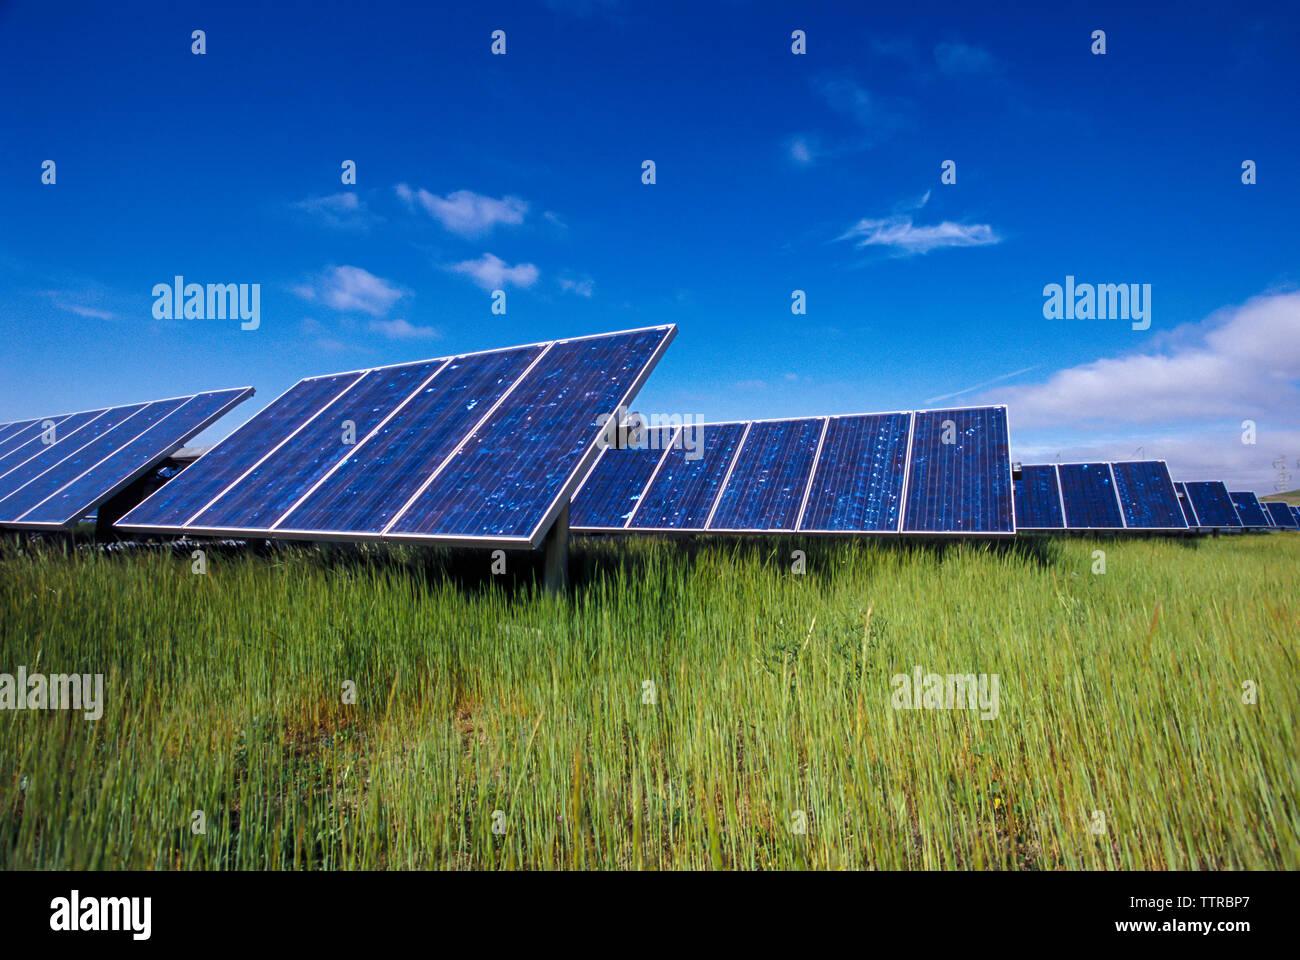 Paneles solares en campo de hierba contra el cielo azul Imagen De Stock